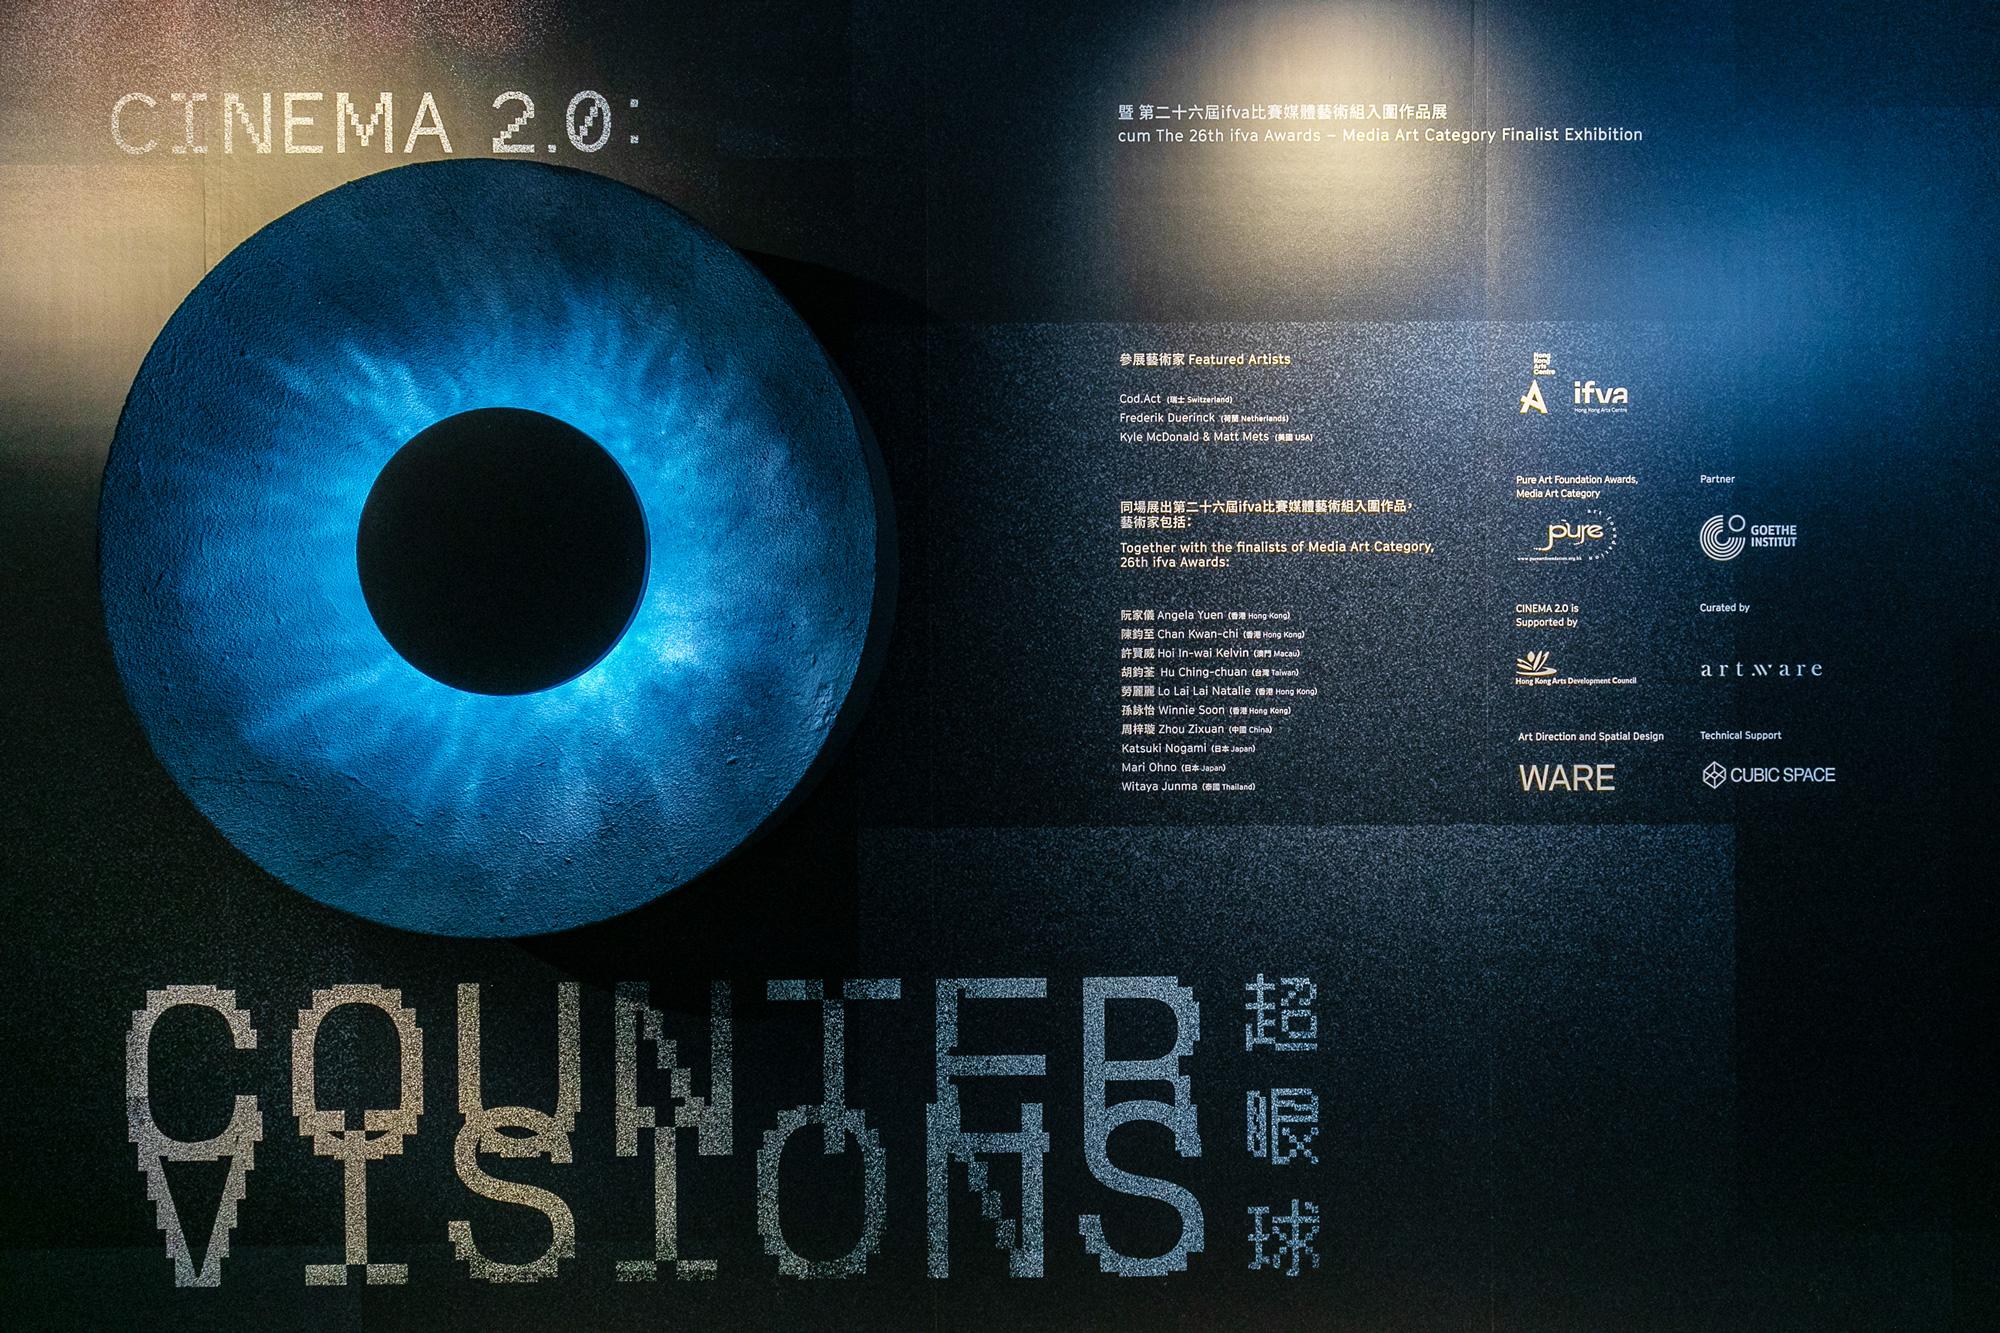 Cinema 2.0 curated by Ip Yuk-yiu (Hong Kong), spatial concept by WARE (Hong Kong)